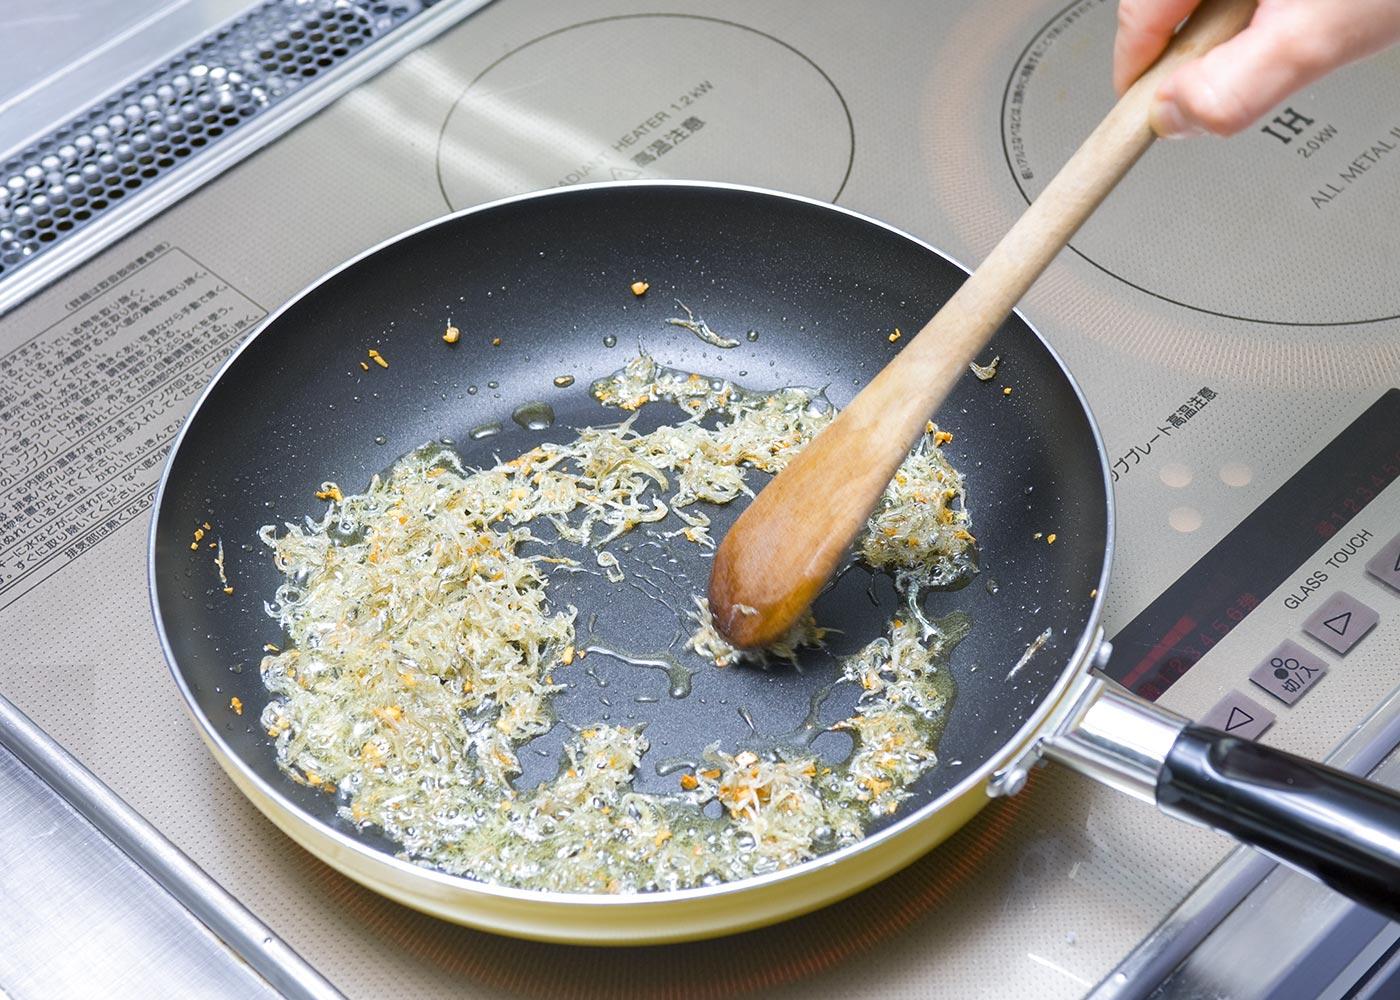 にんにくがきつね色になったらじゃこを加えて炒め、カリカリとなったらパセリ、万能ねぎ、ほうれん草を加え★、パスタのゆで汁を大さじ2ほど加えてさっと煮る。